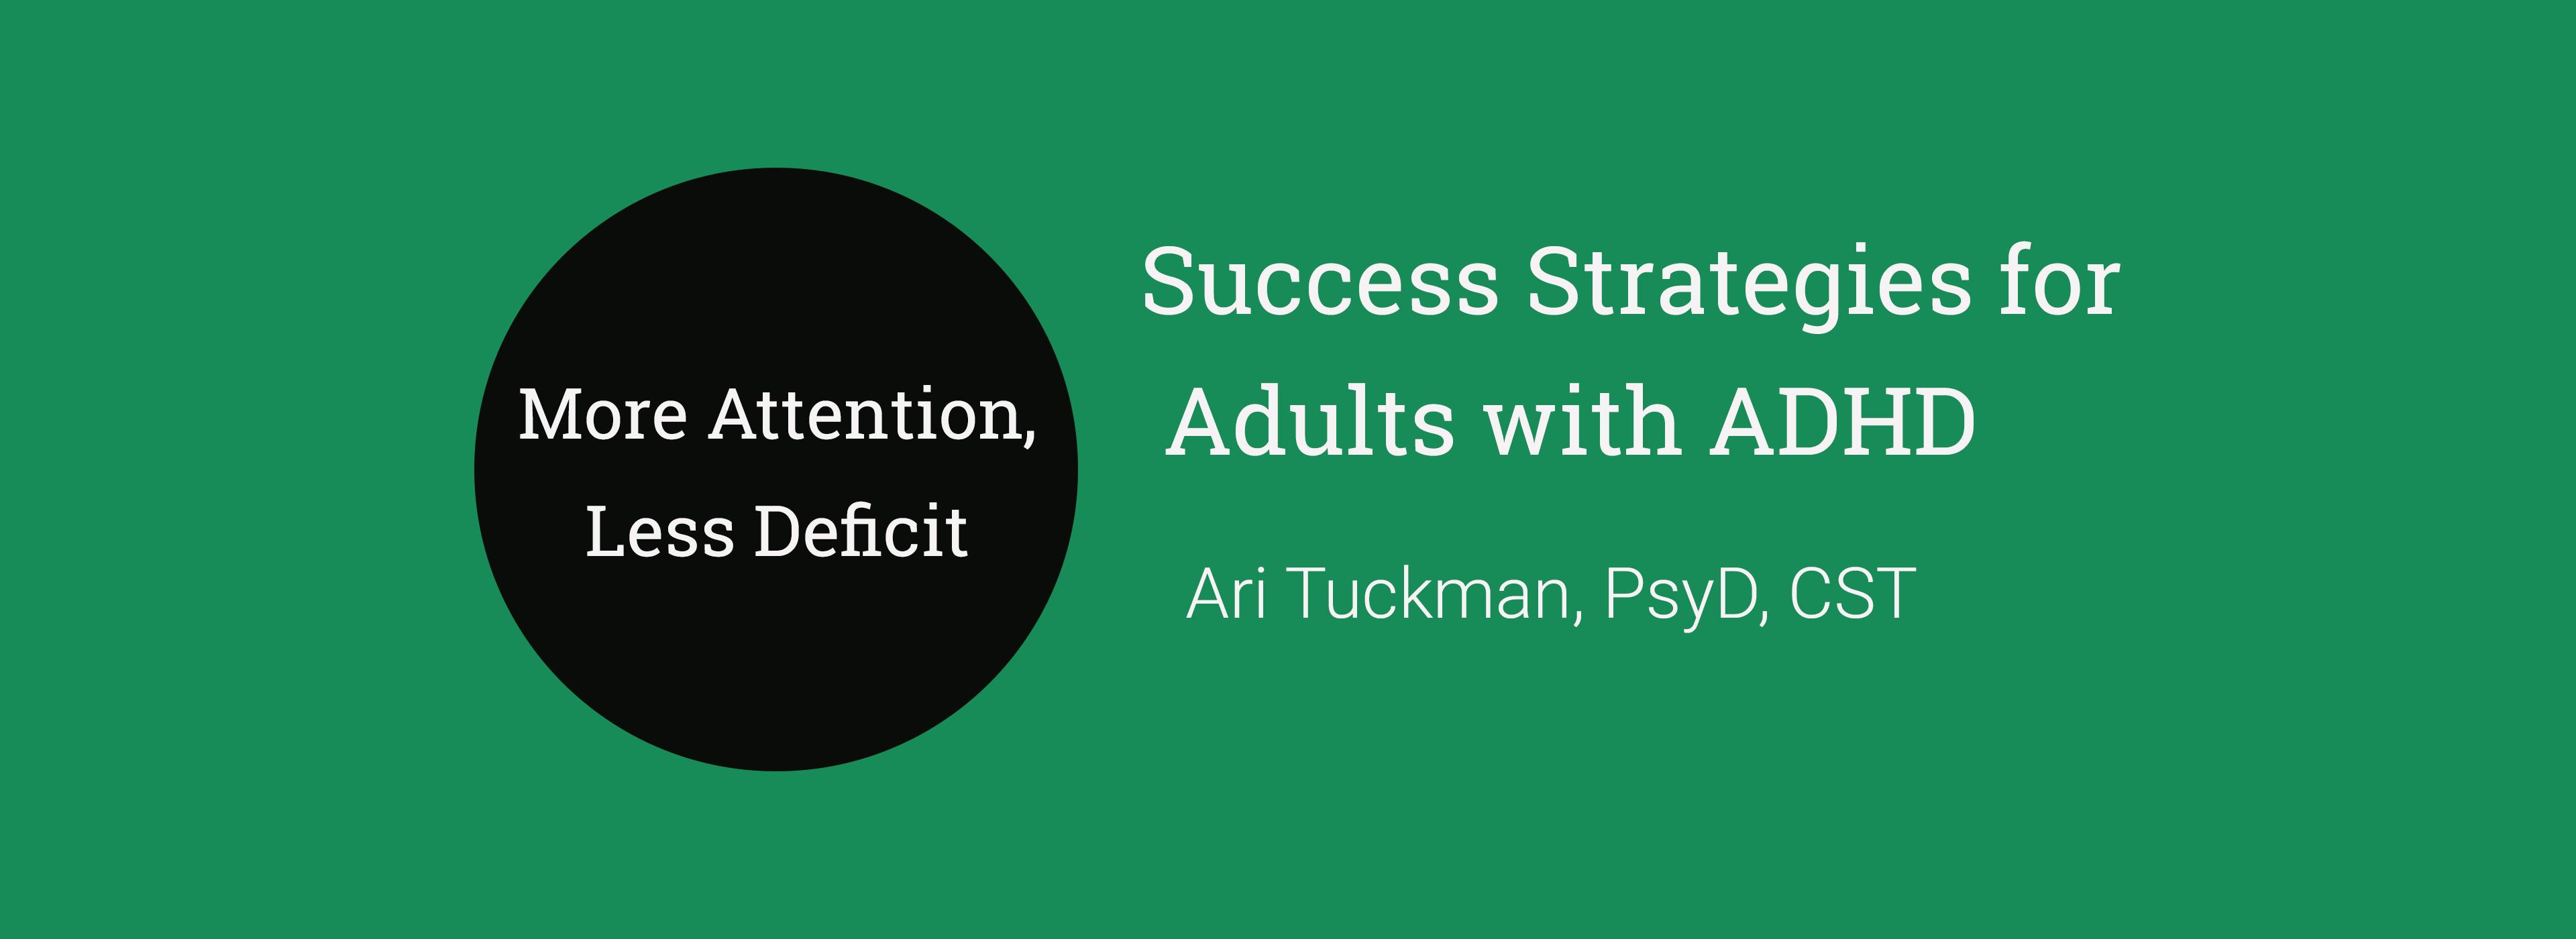 ARI_TUCKMAN_ADULT ADHD_Books_Podcast_social media_1980x700.jpg